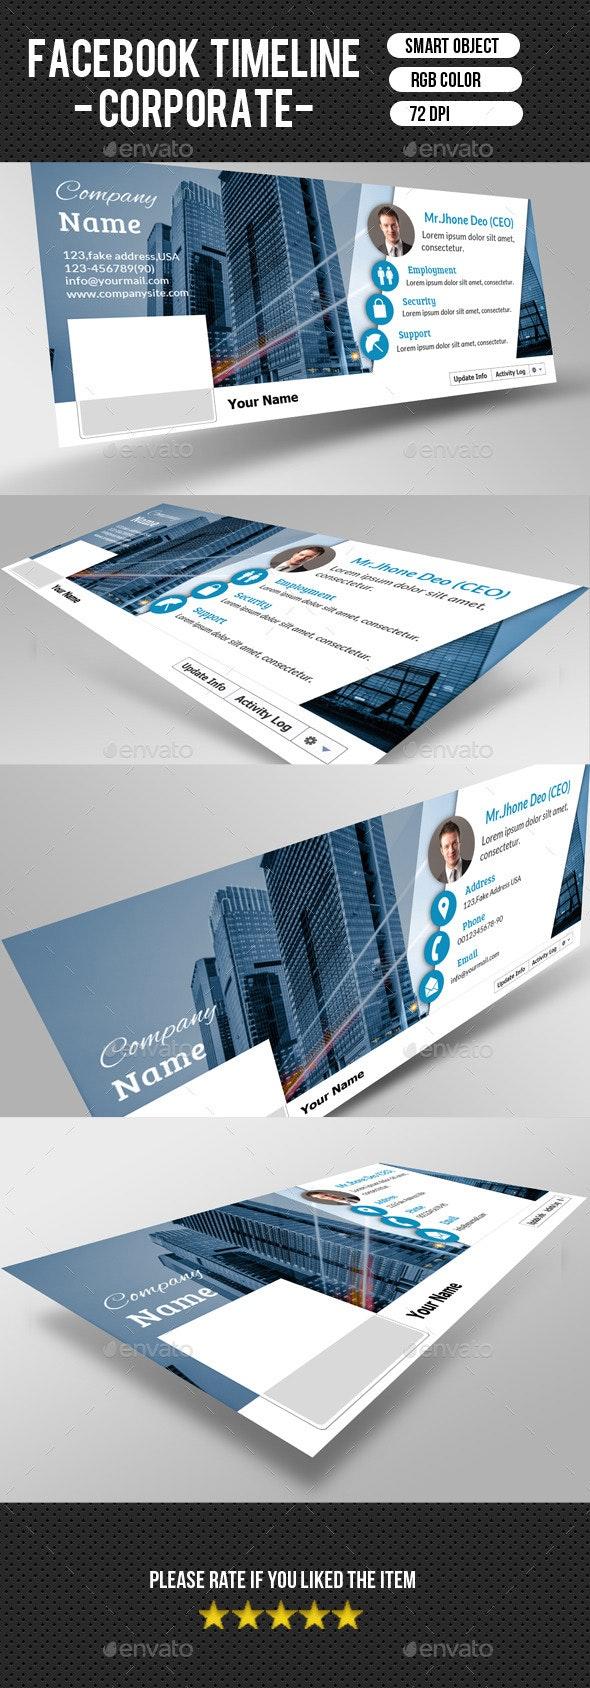 Corporate FacebookTimeline-V04 - Facebook Timeline Covers Social Media